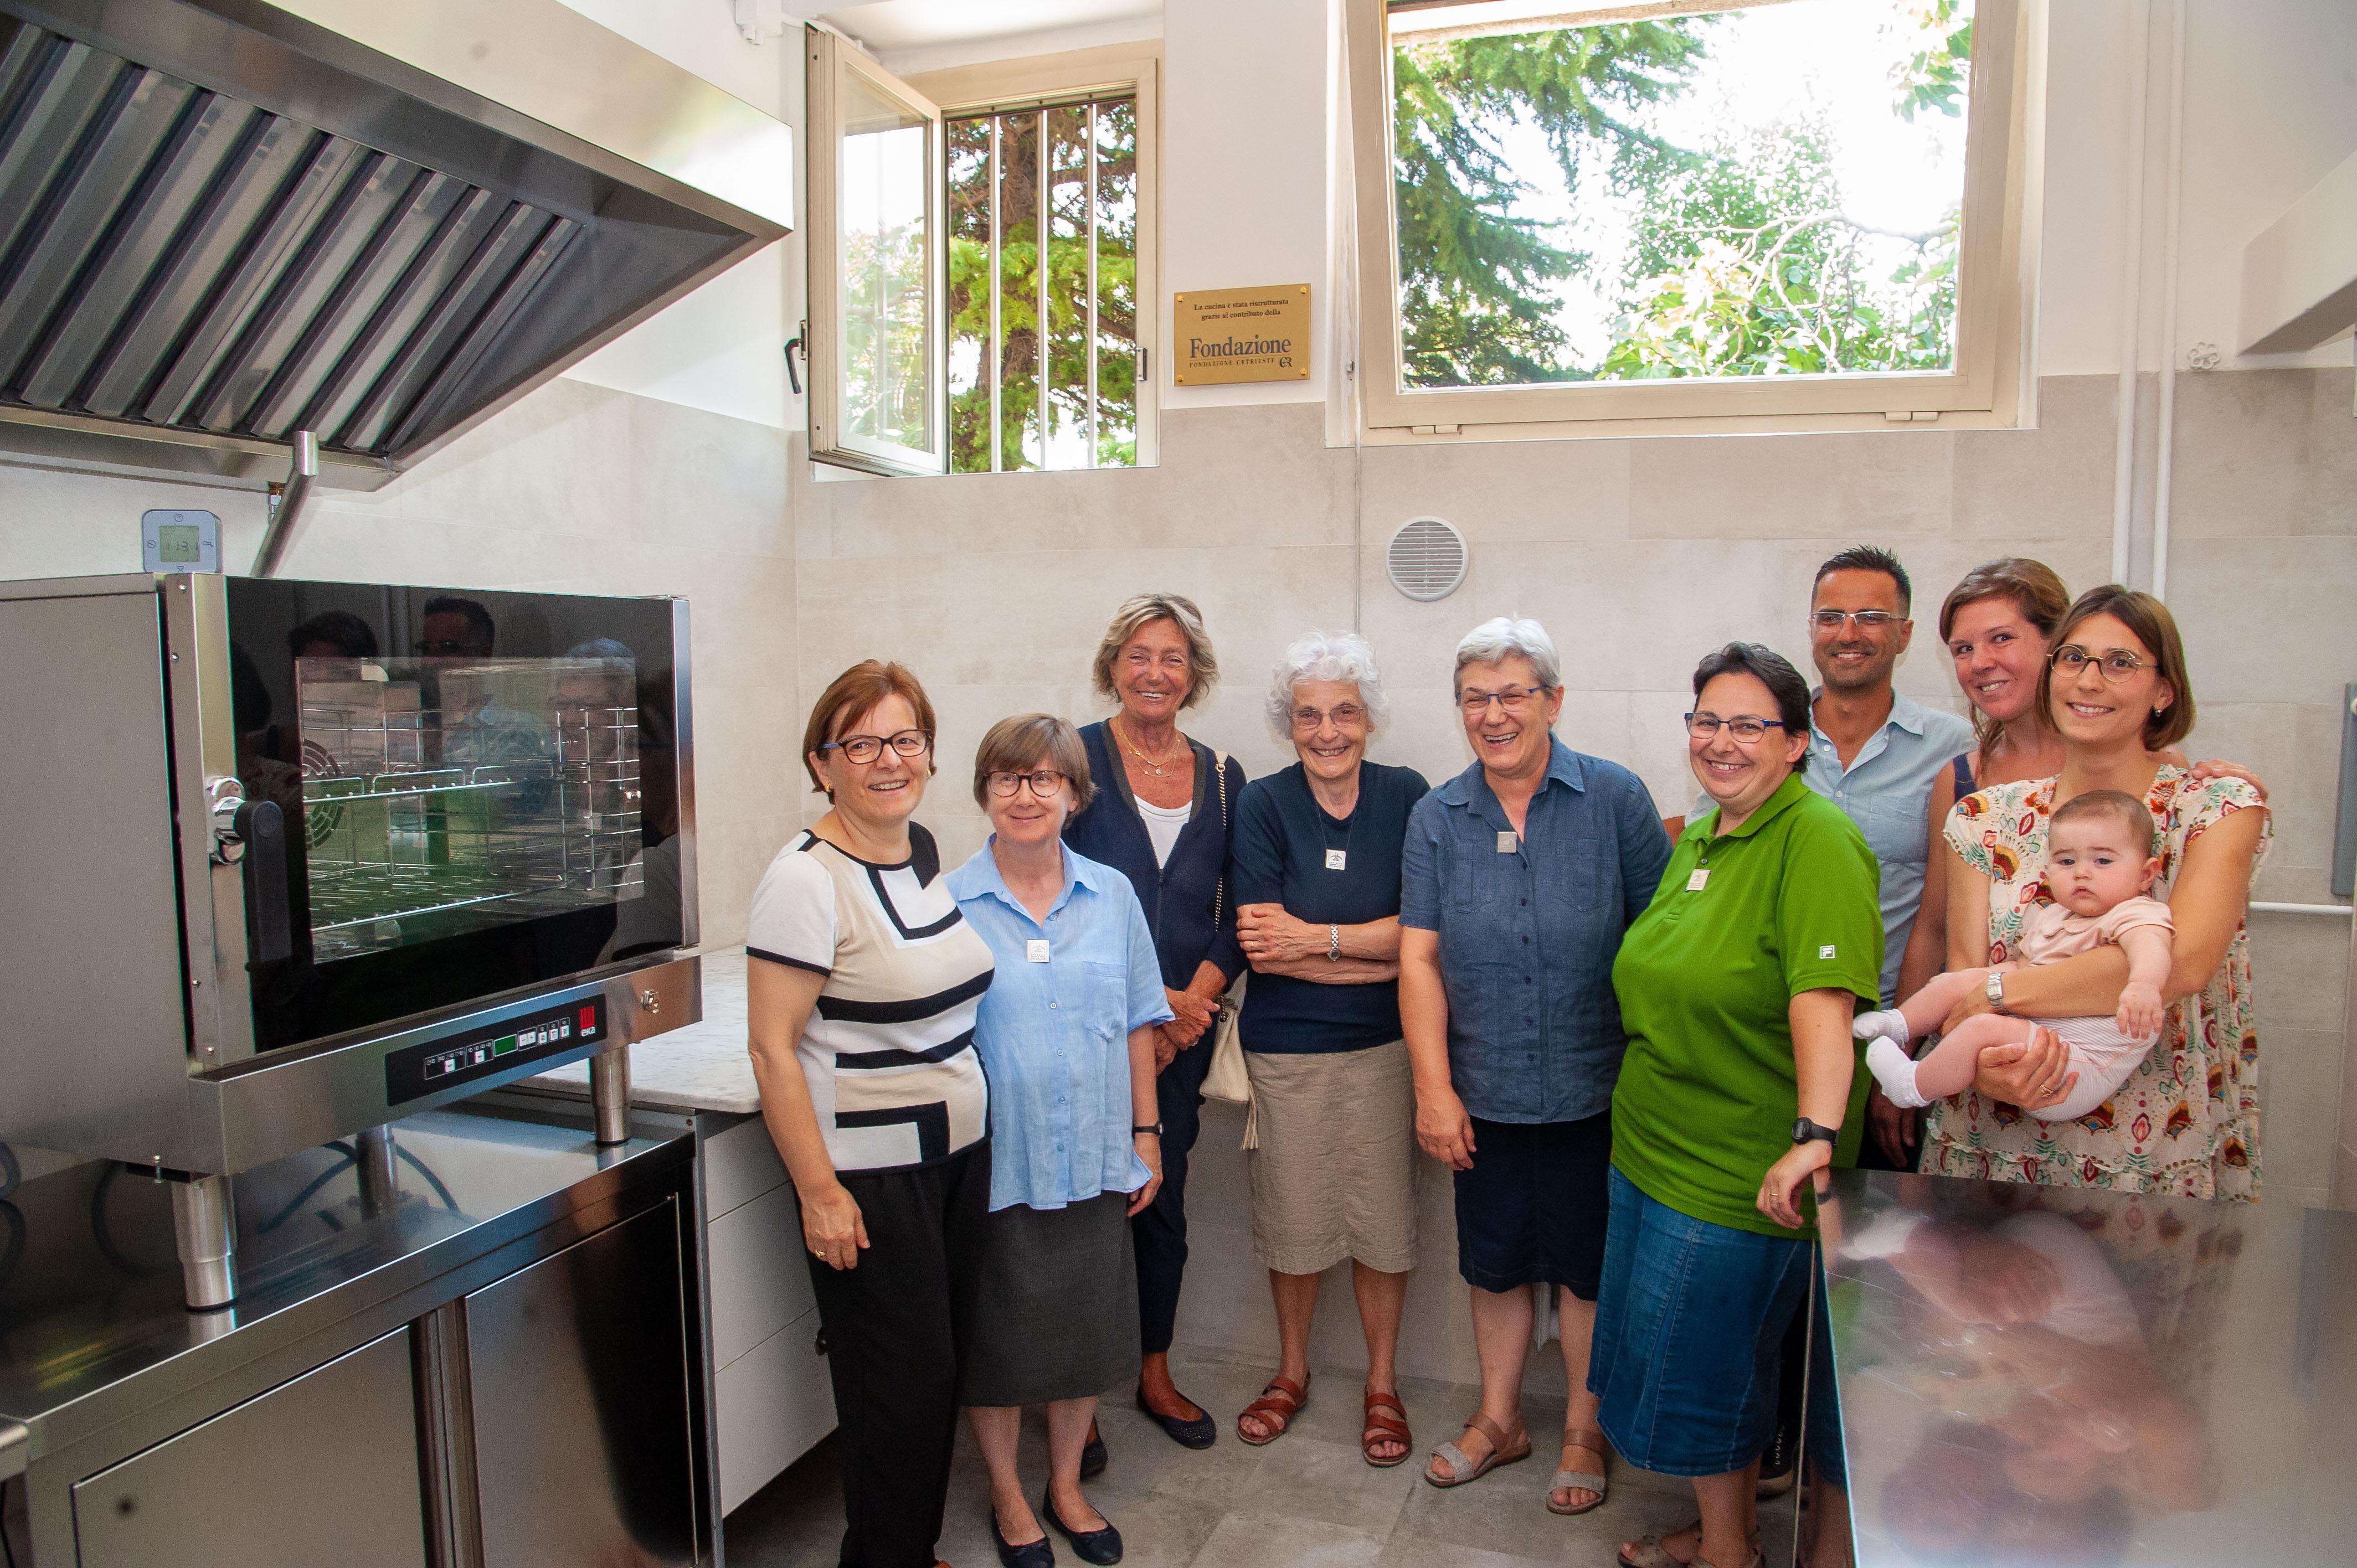 La Fondazione Crtrieste Sostiene La Ristrutturazione Della Cucina Dell Associazione Famiglia E Salute Onlus Fondazione Crtrieste